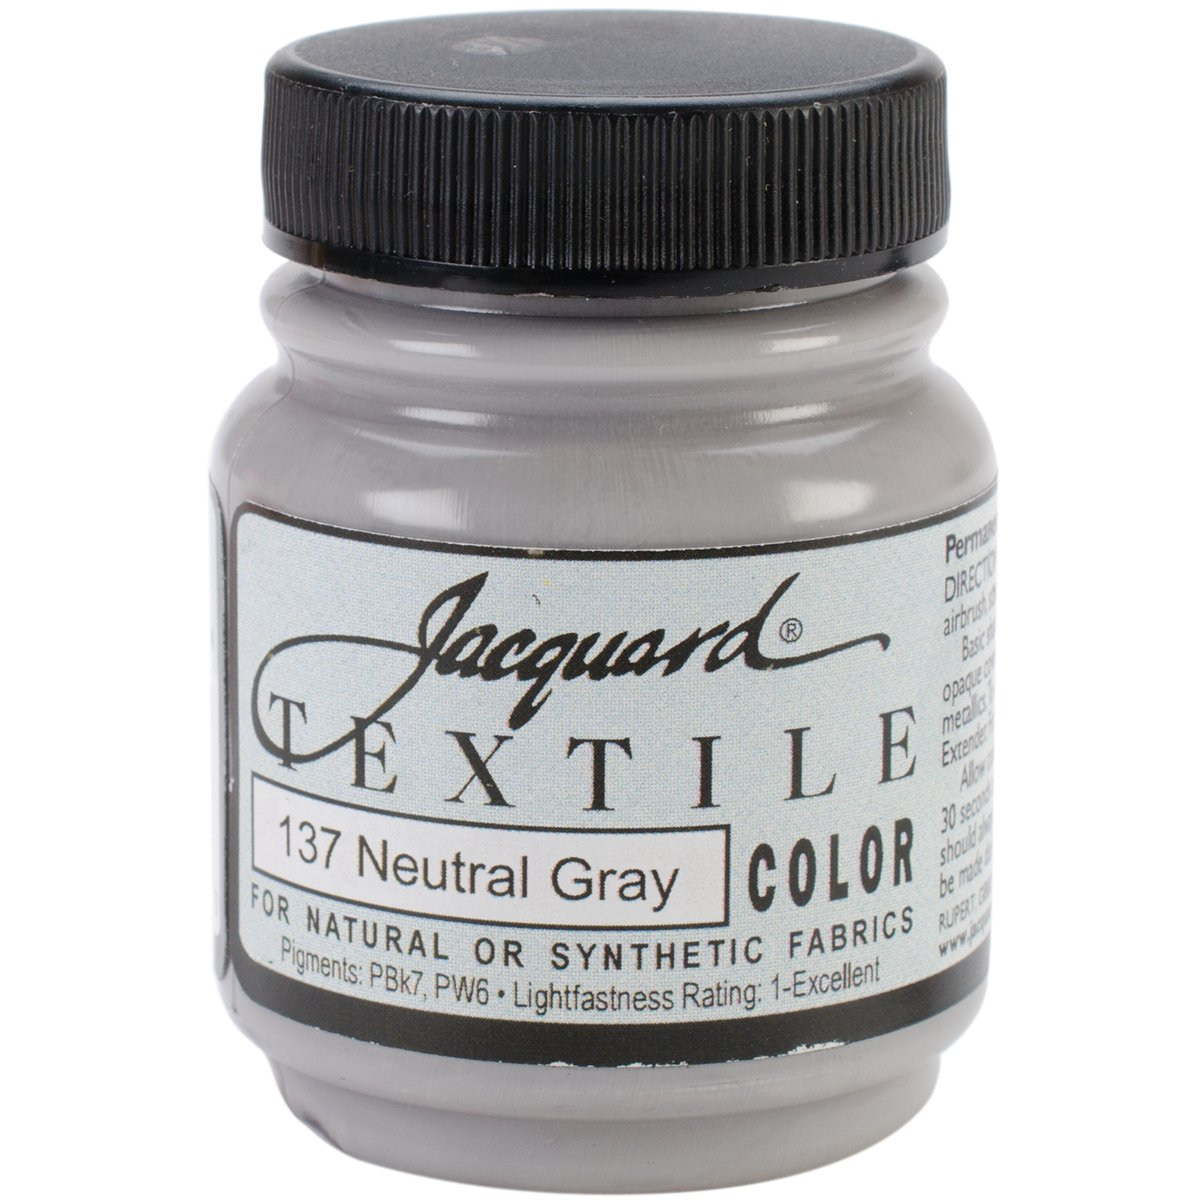 Jacquard Textile Color Fabric Paint 2.25 Ounces-Neutral Gray 2